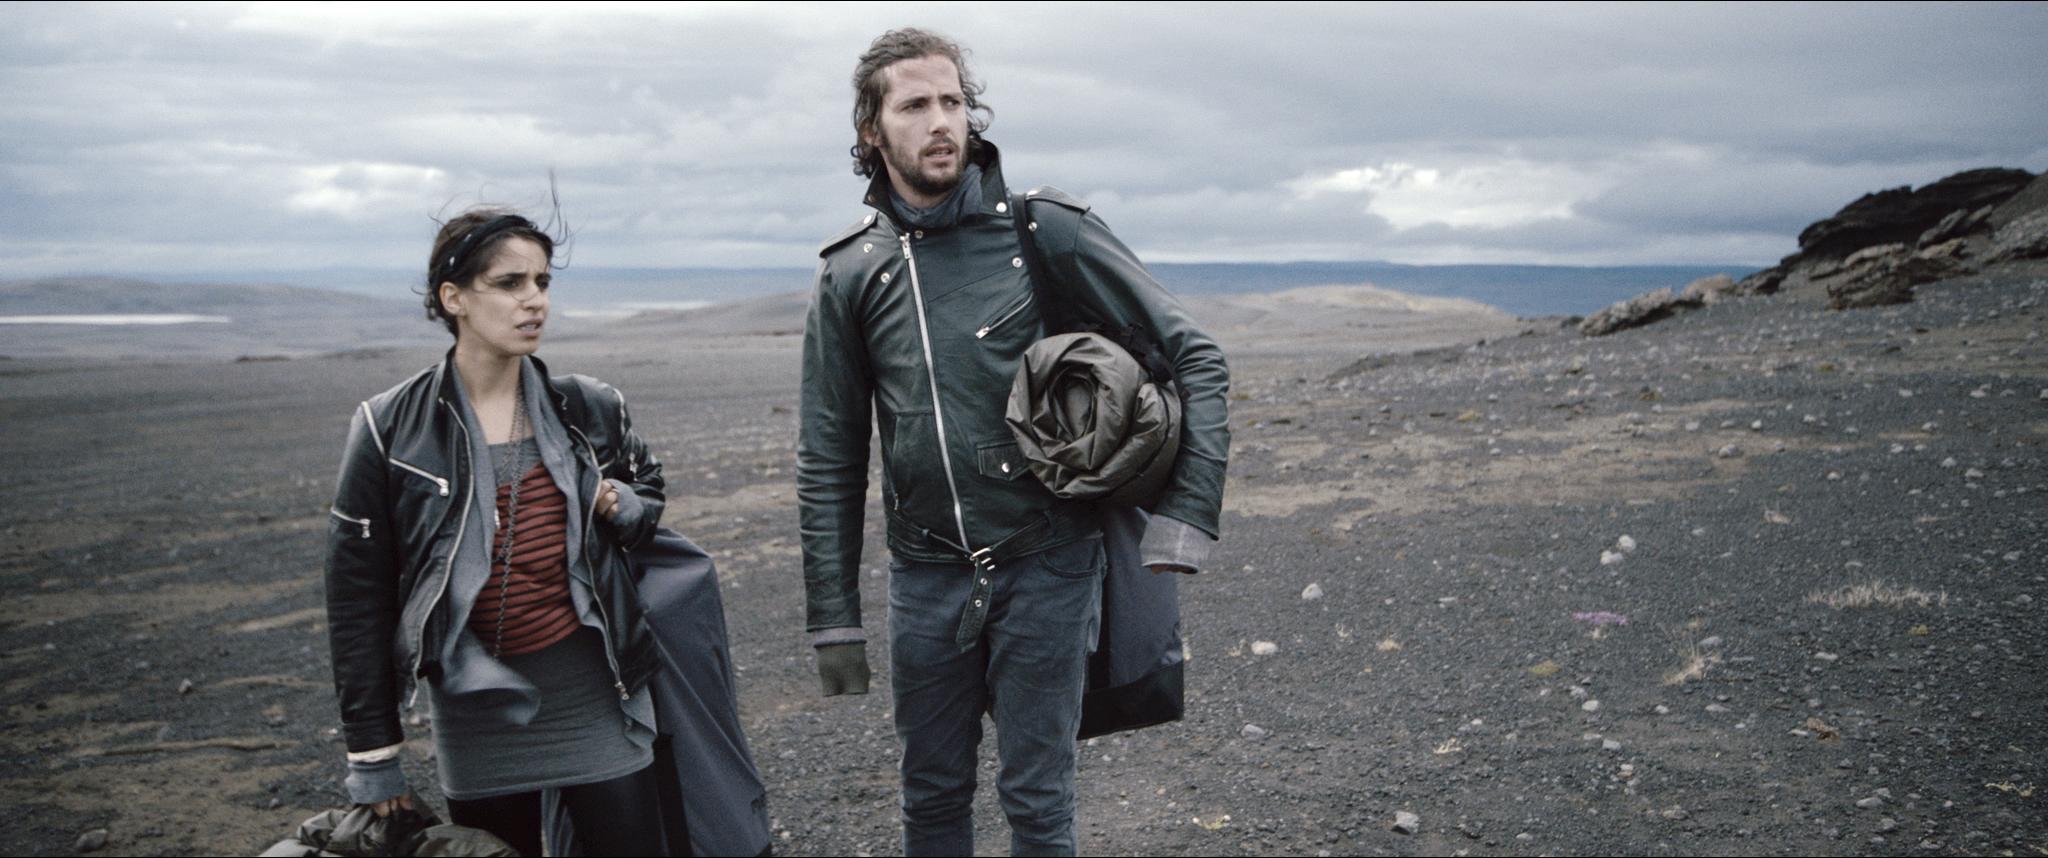 Ausgesetzt in der grauen Wüste des Nordens: Zusammen mit seiner Filmpartnerin Maryam Zaree im Film «Welcome to Iceland».